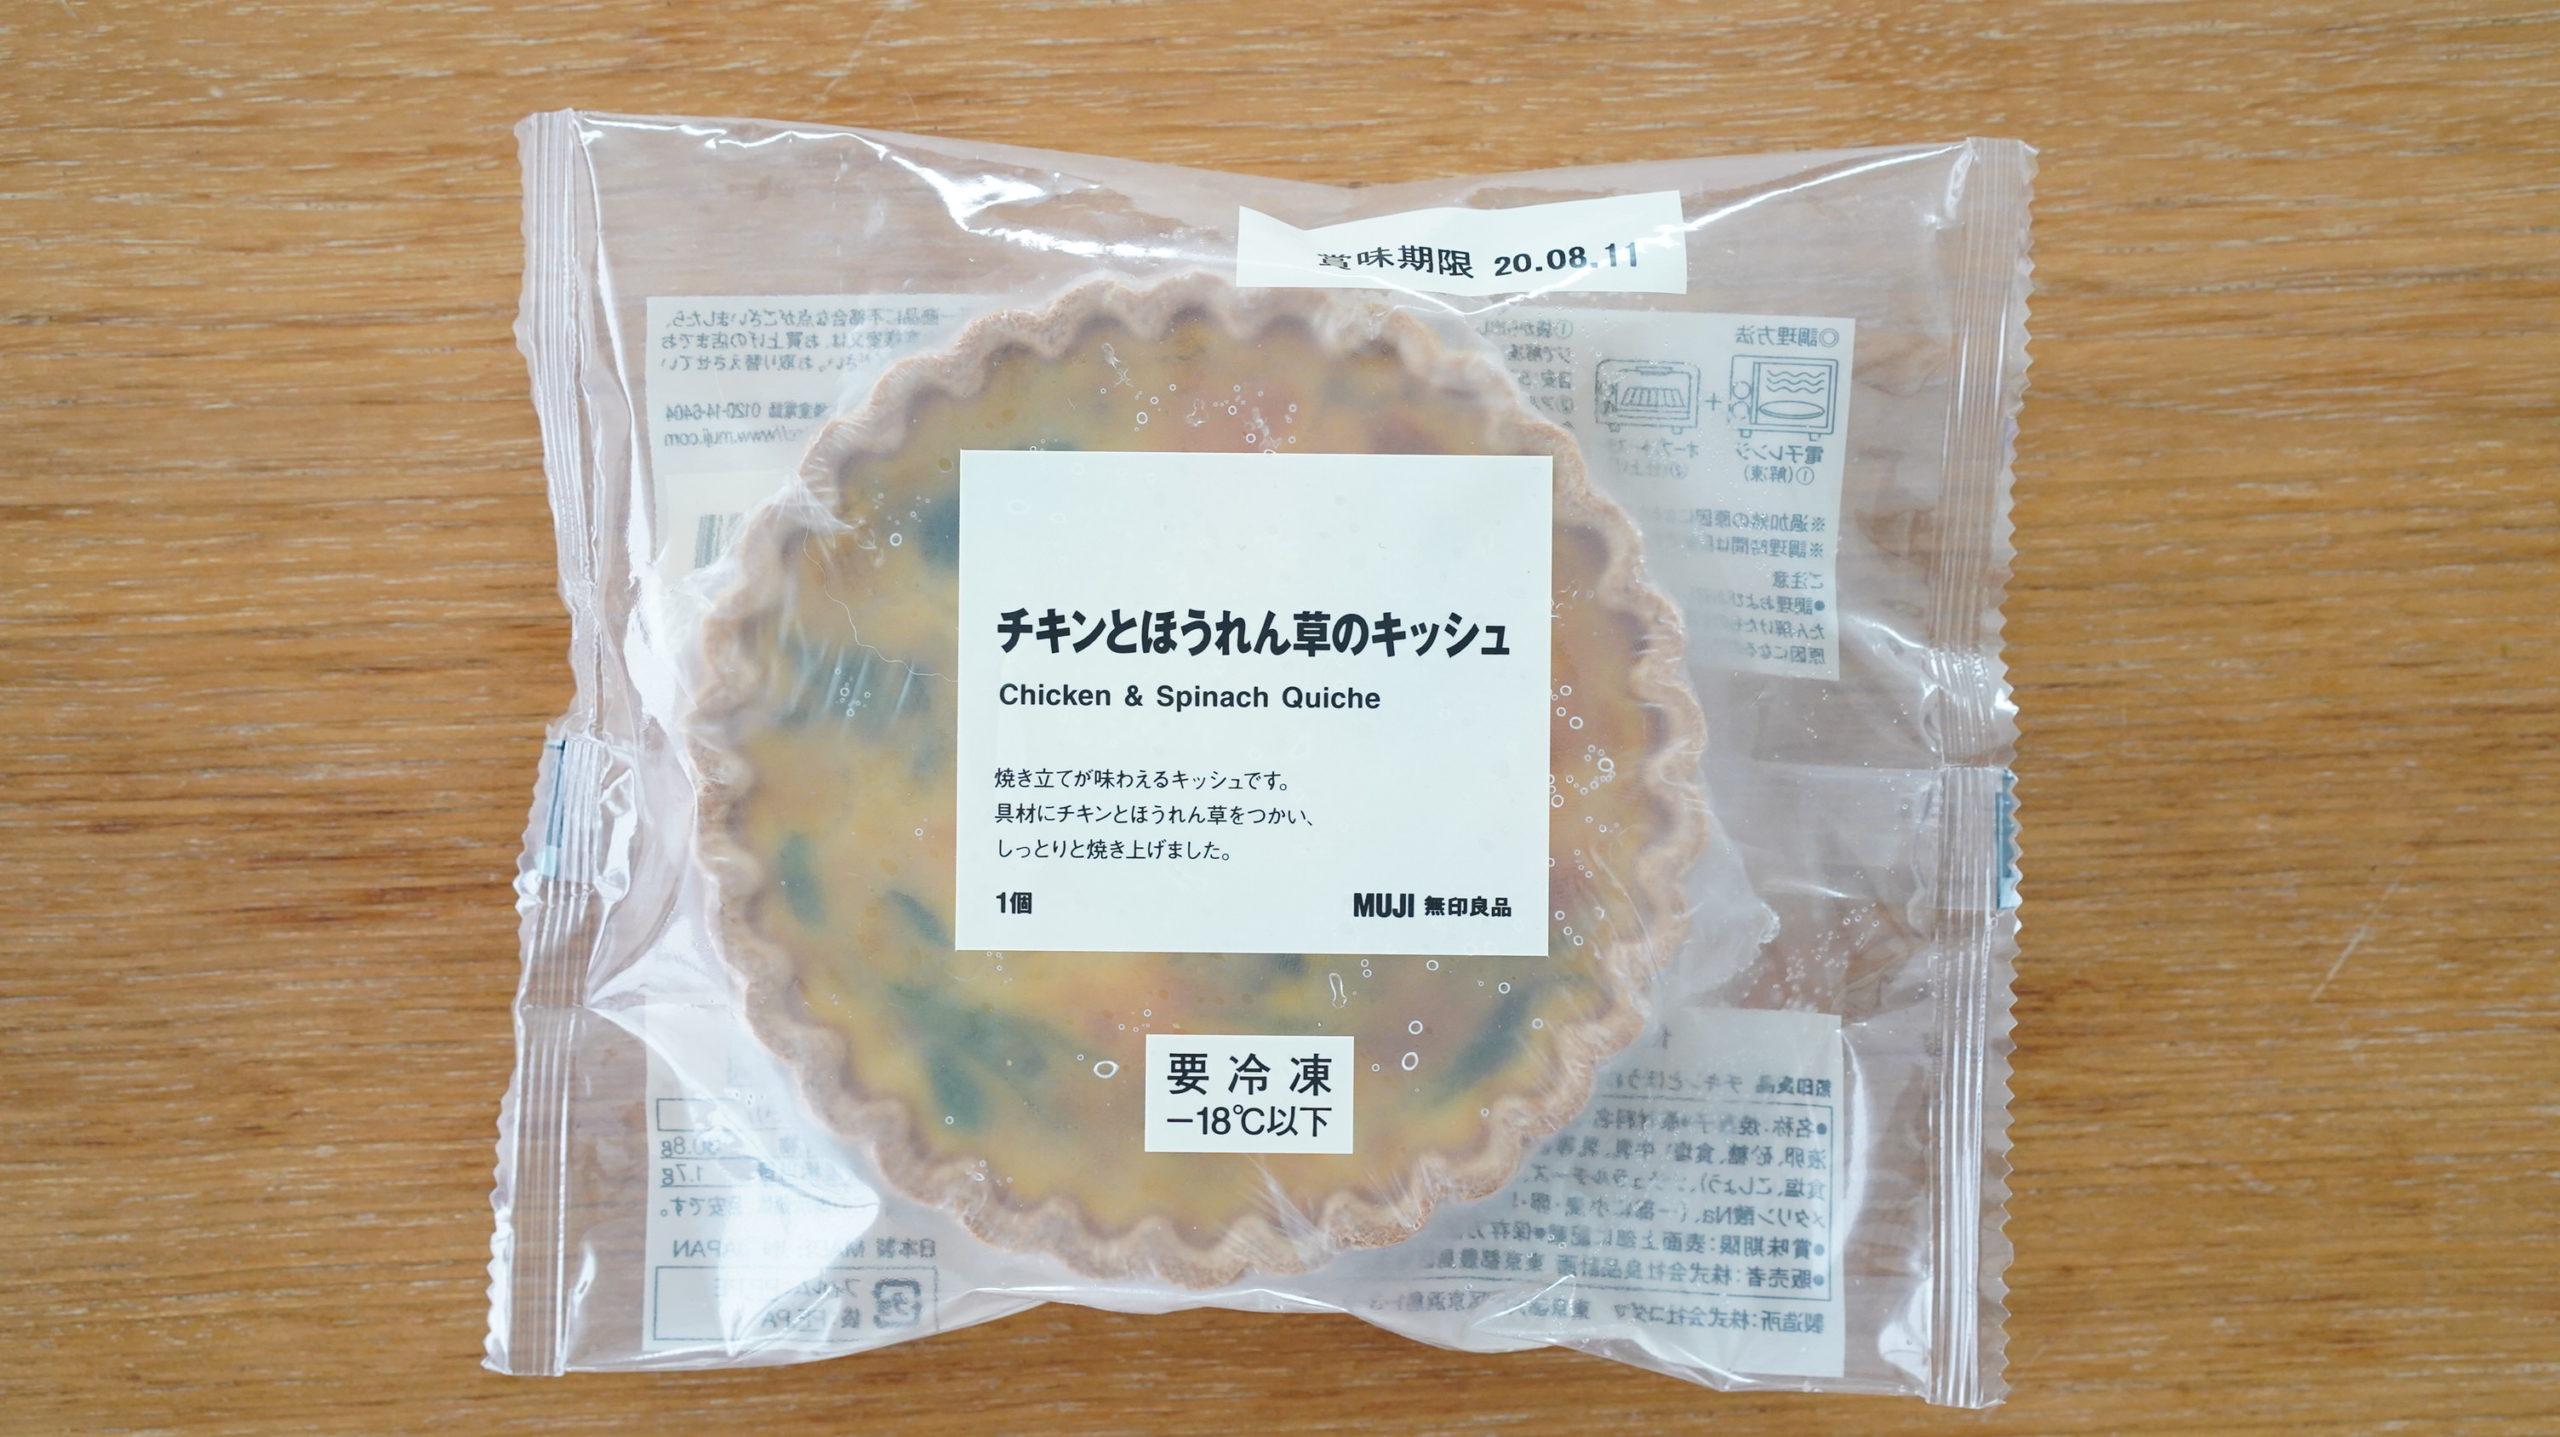 無印良品のおすすめ冷凍食品「チキンとほうれん草のキッシュ」のパッケージの写真